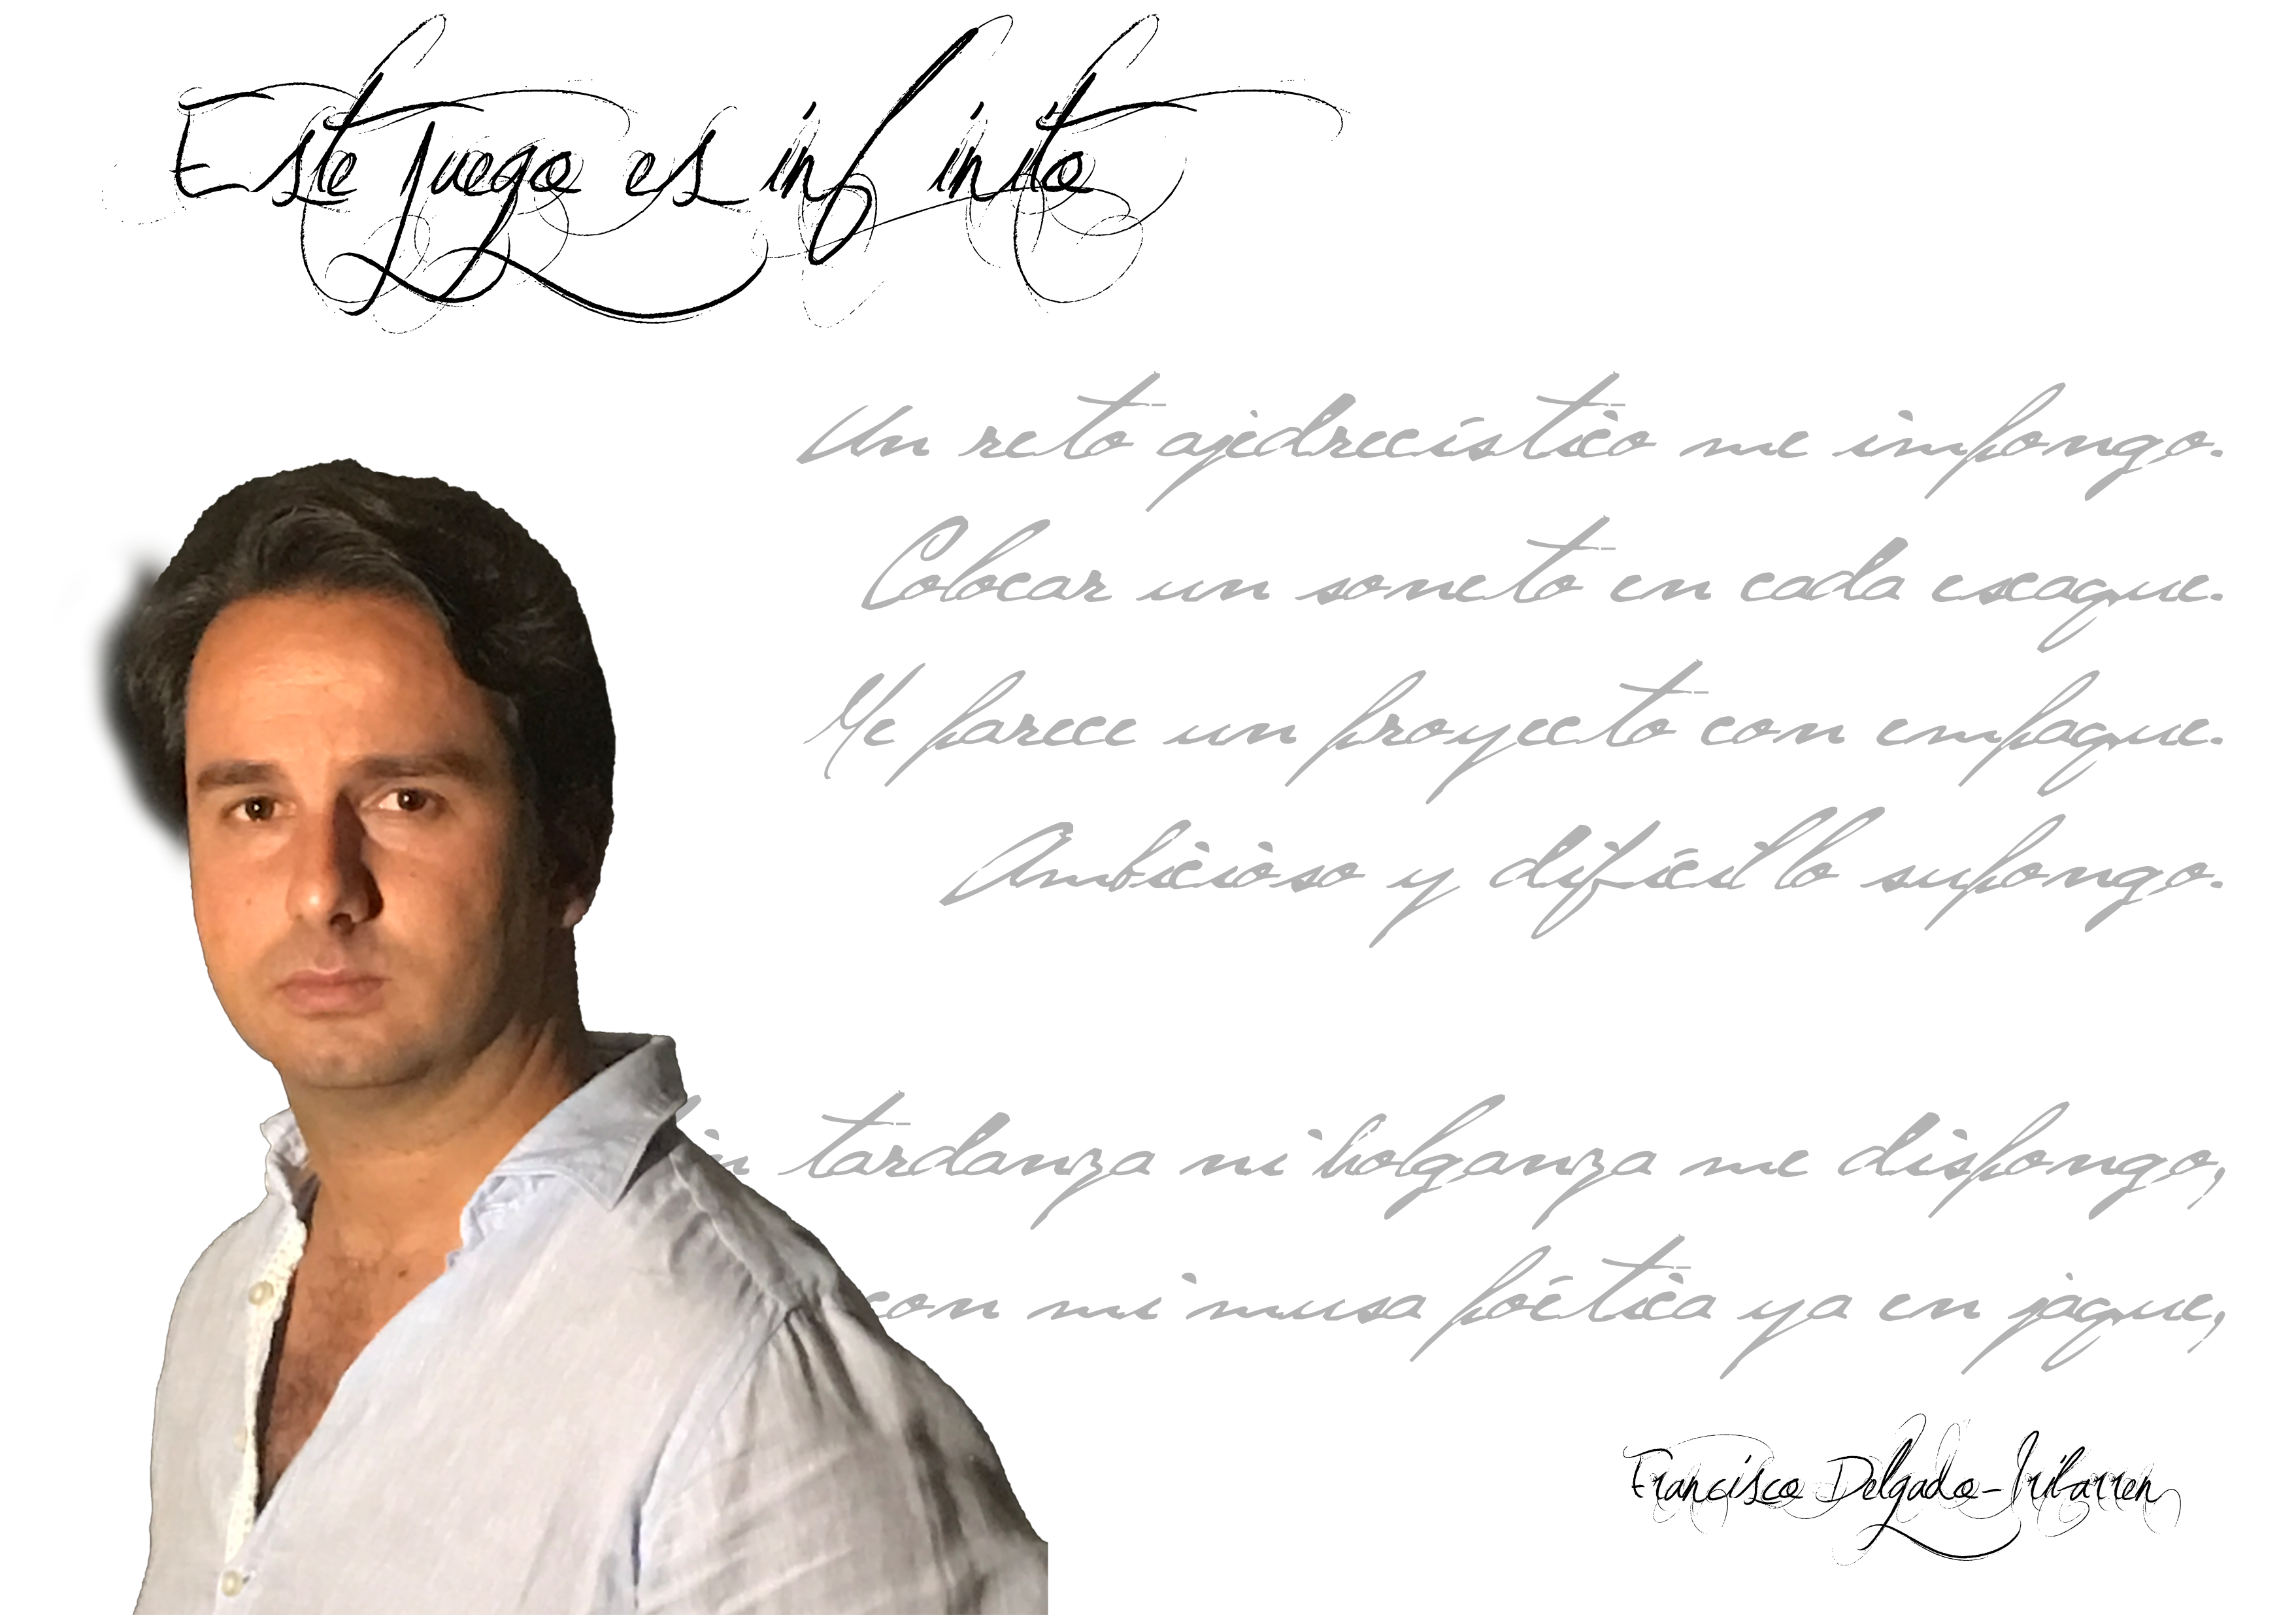 """francisco delgado-iribarren - FichaAutor - FRANCISCO DELGADO-IRIBARREN: """"Encuentro un paralelismo entre el soneto y el ajedrez: reglas estrictas, rígidas, un escenario aparentemente encorsetado que permite infinitas posibilidades."""""""